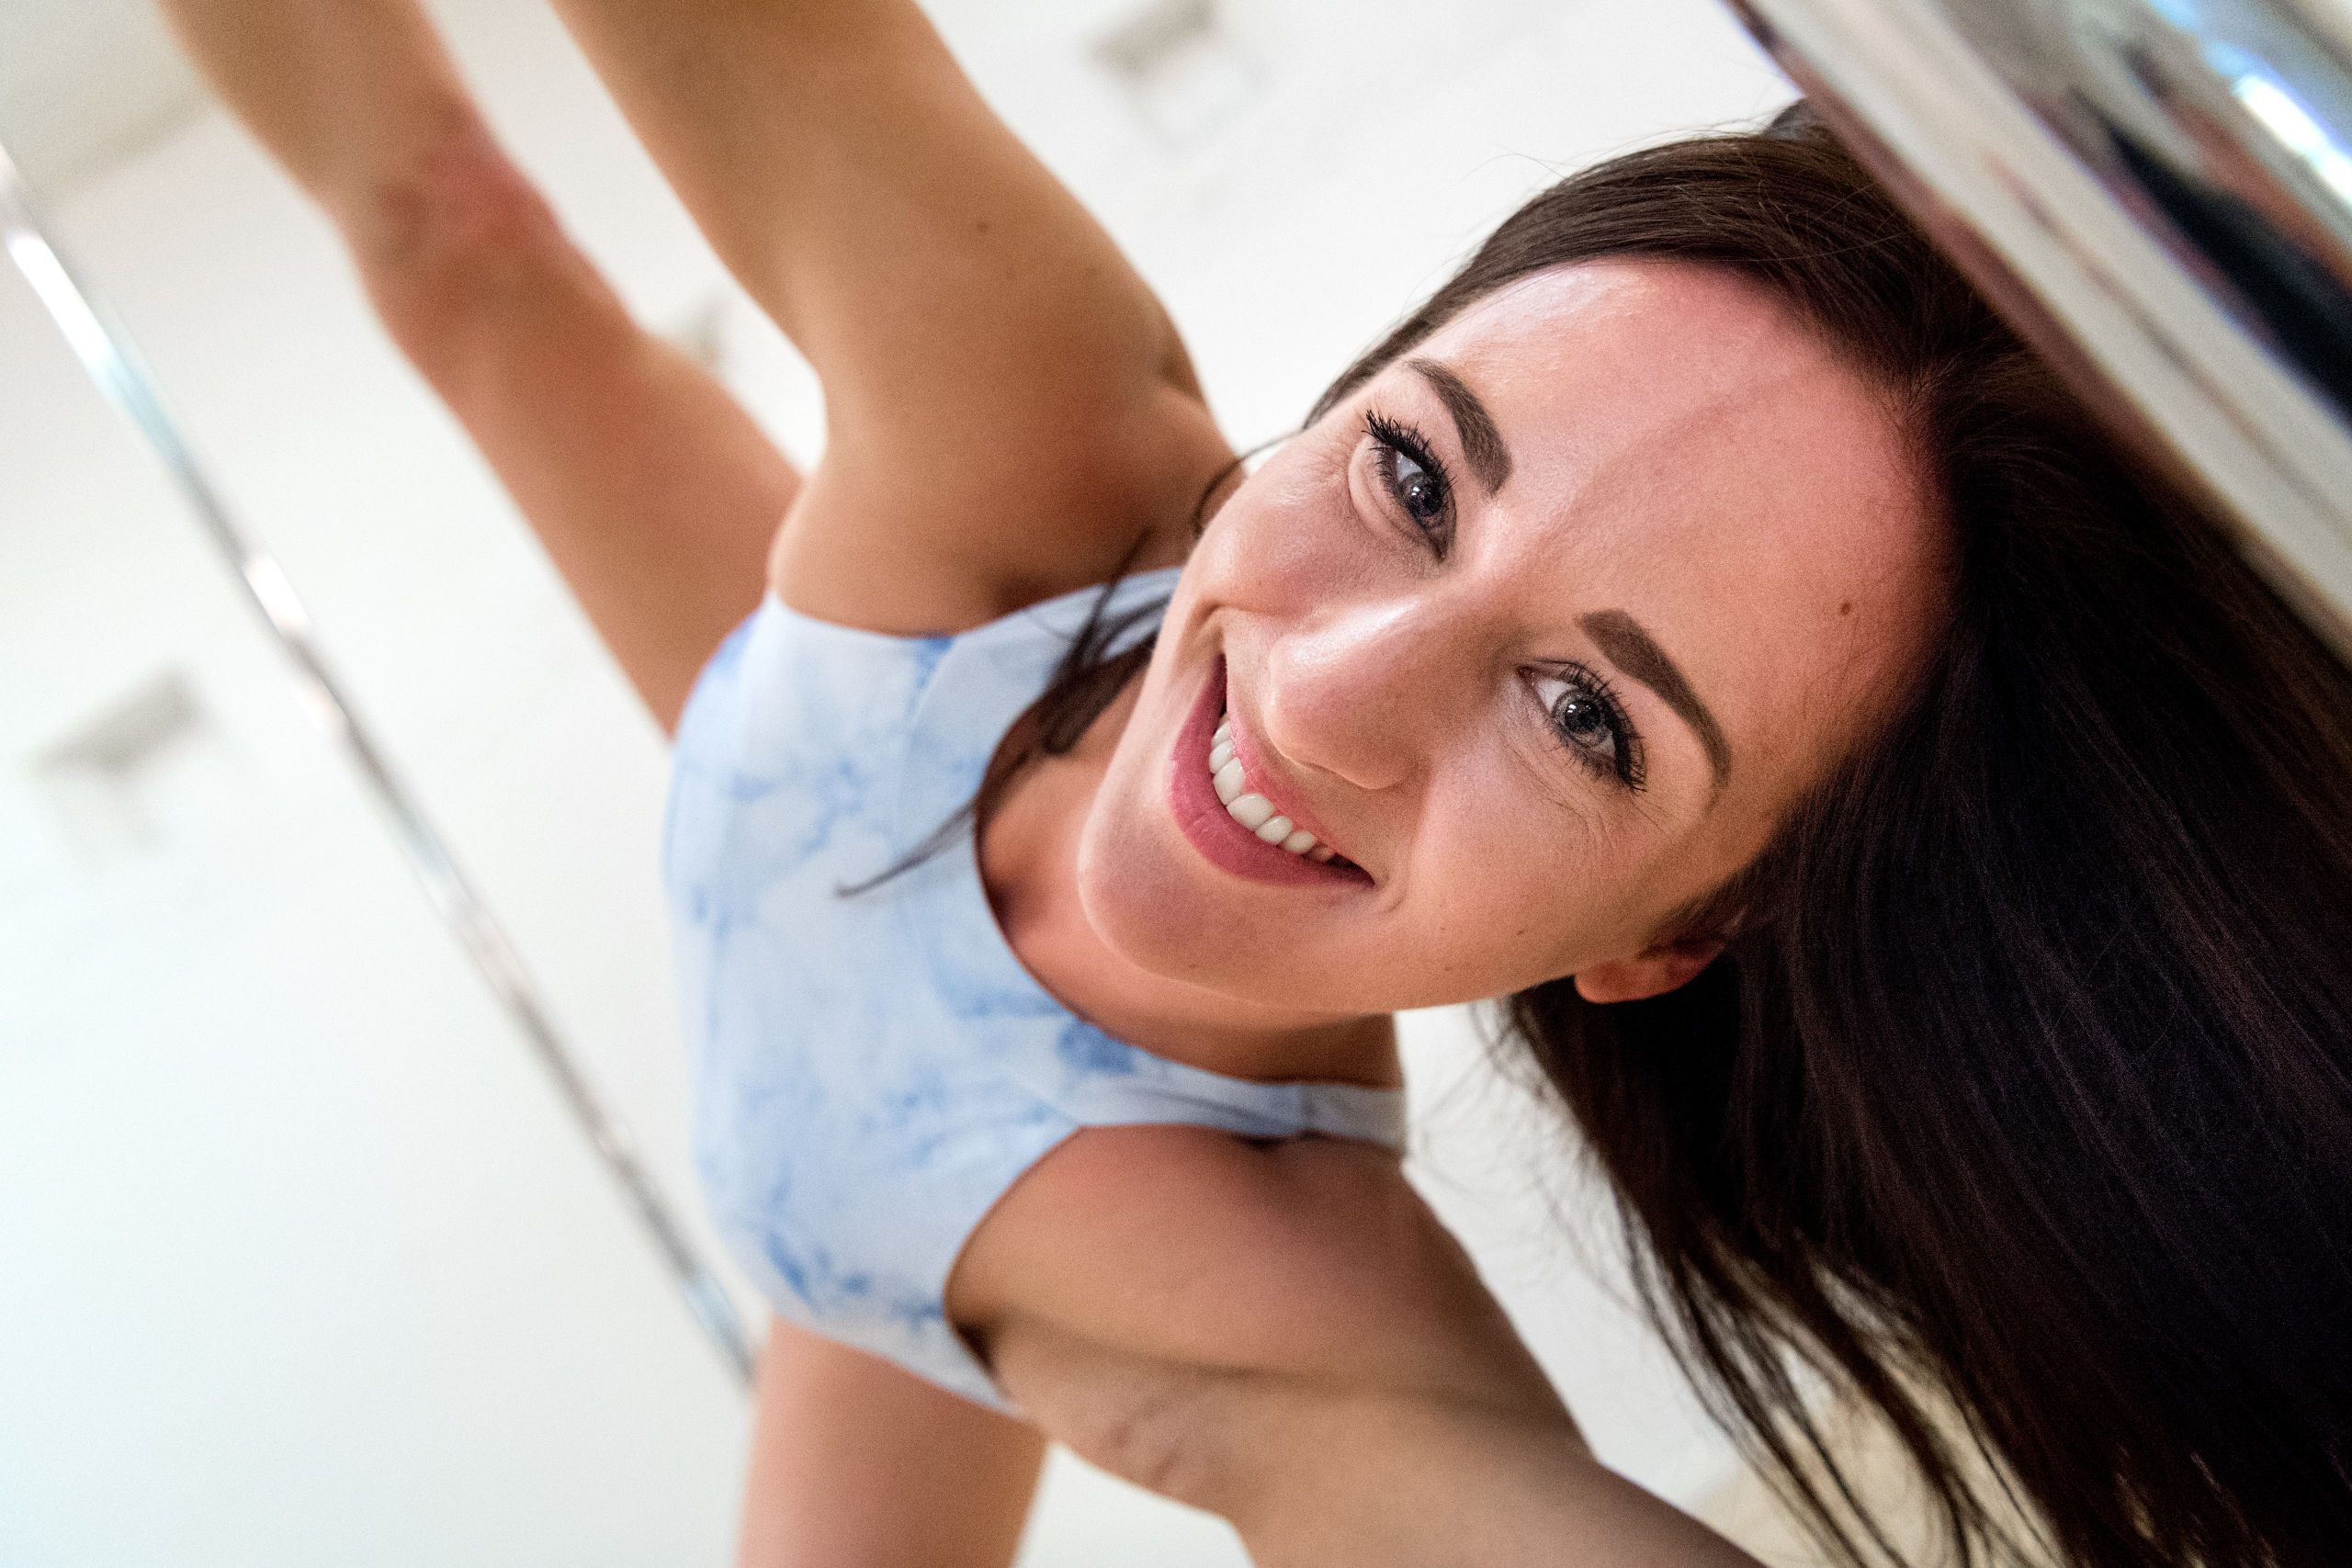 Camilla fra Aalborg elsker sit job: - Jeg har aldrig haft så pæn en krop